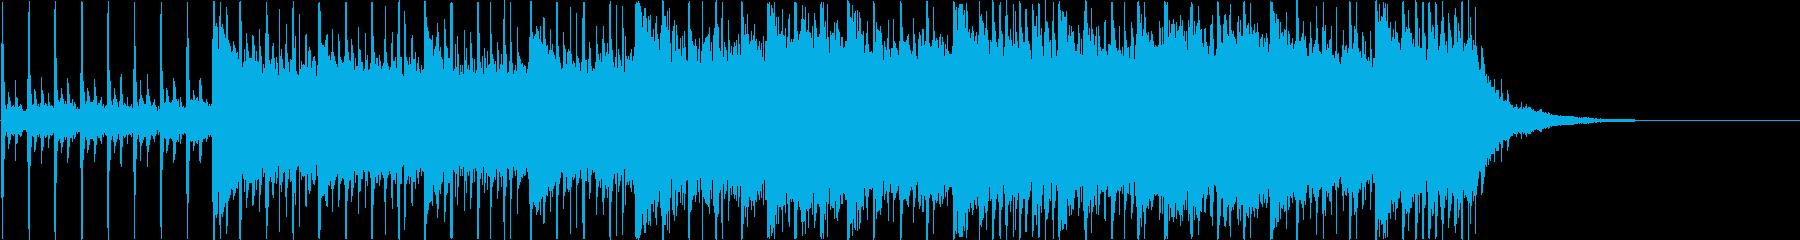 【30秒版】透明感のある企業ムービー向…の再生済みの波形